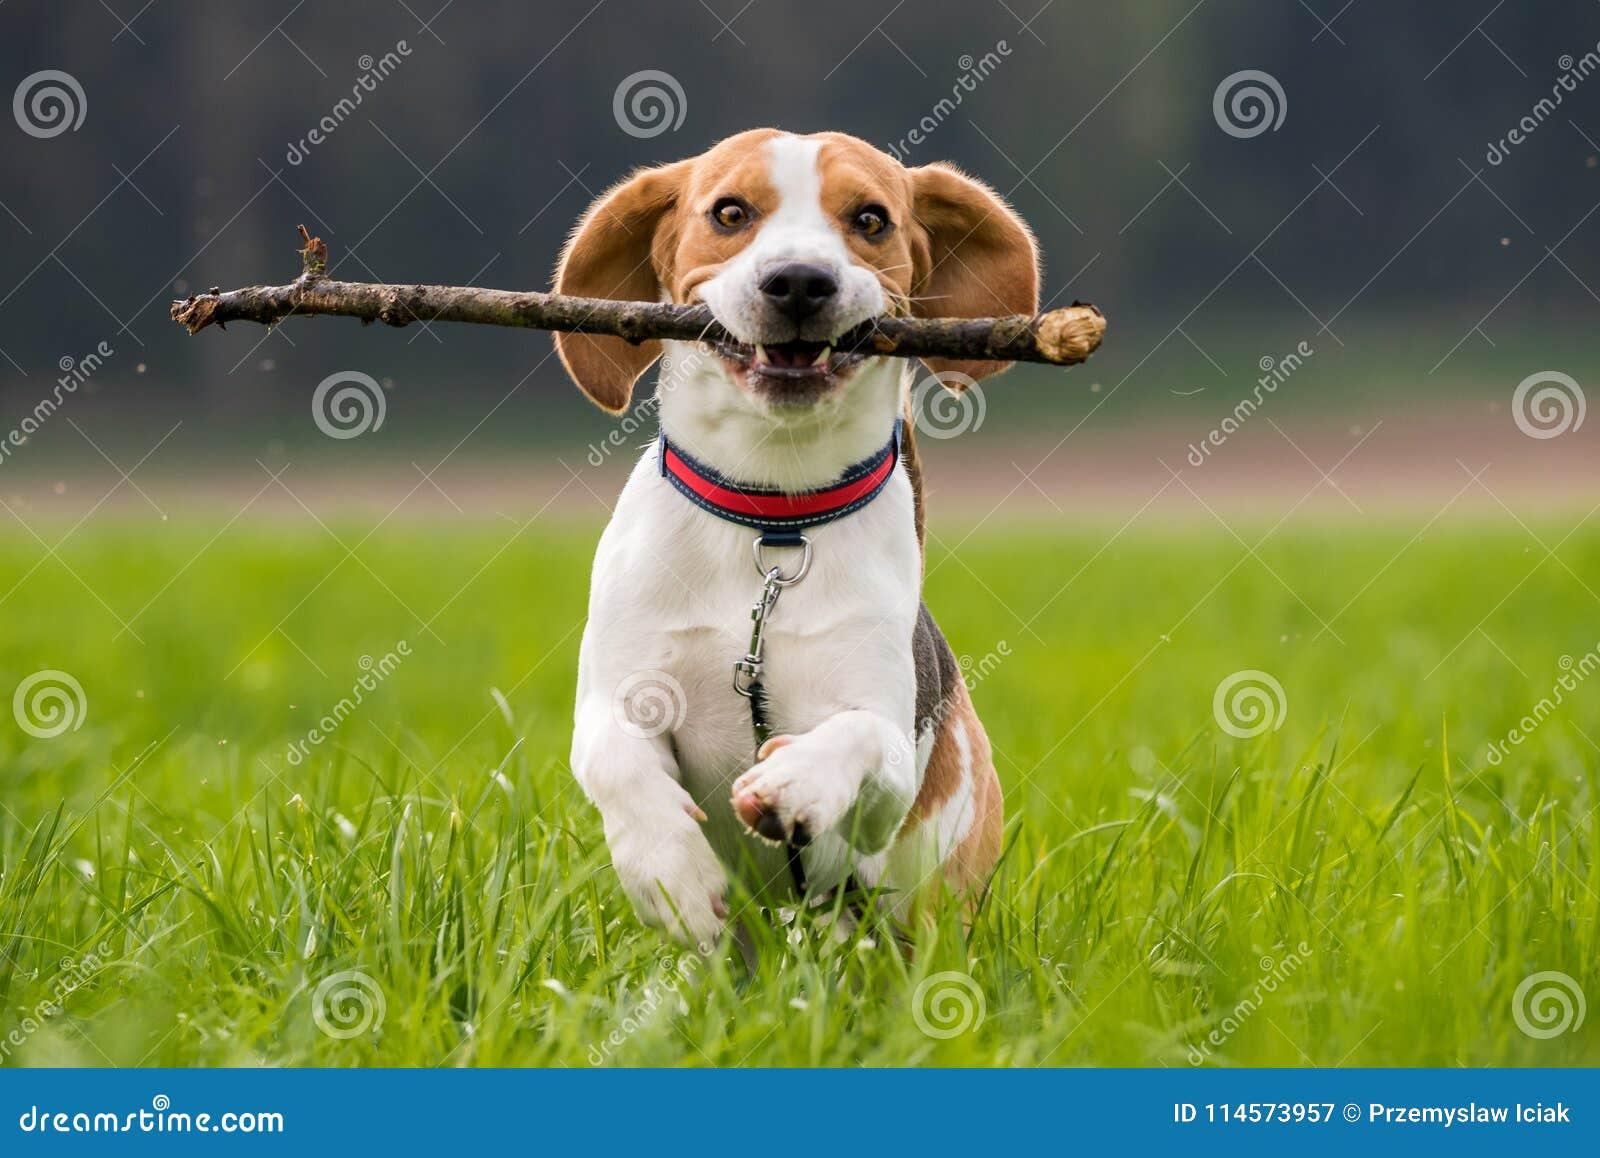 O cão do lebreiro em um campo corre com uma vara